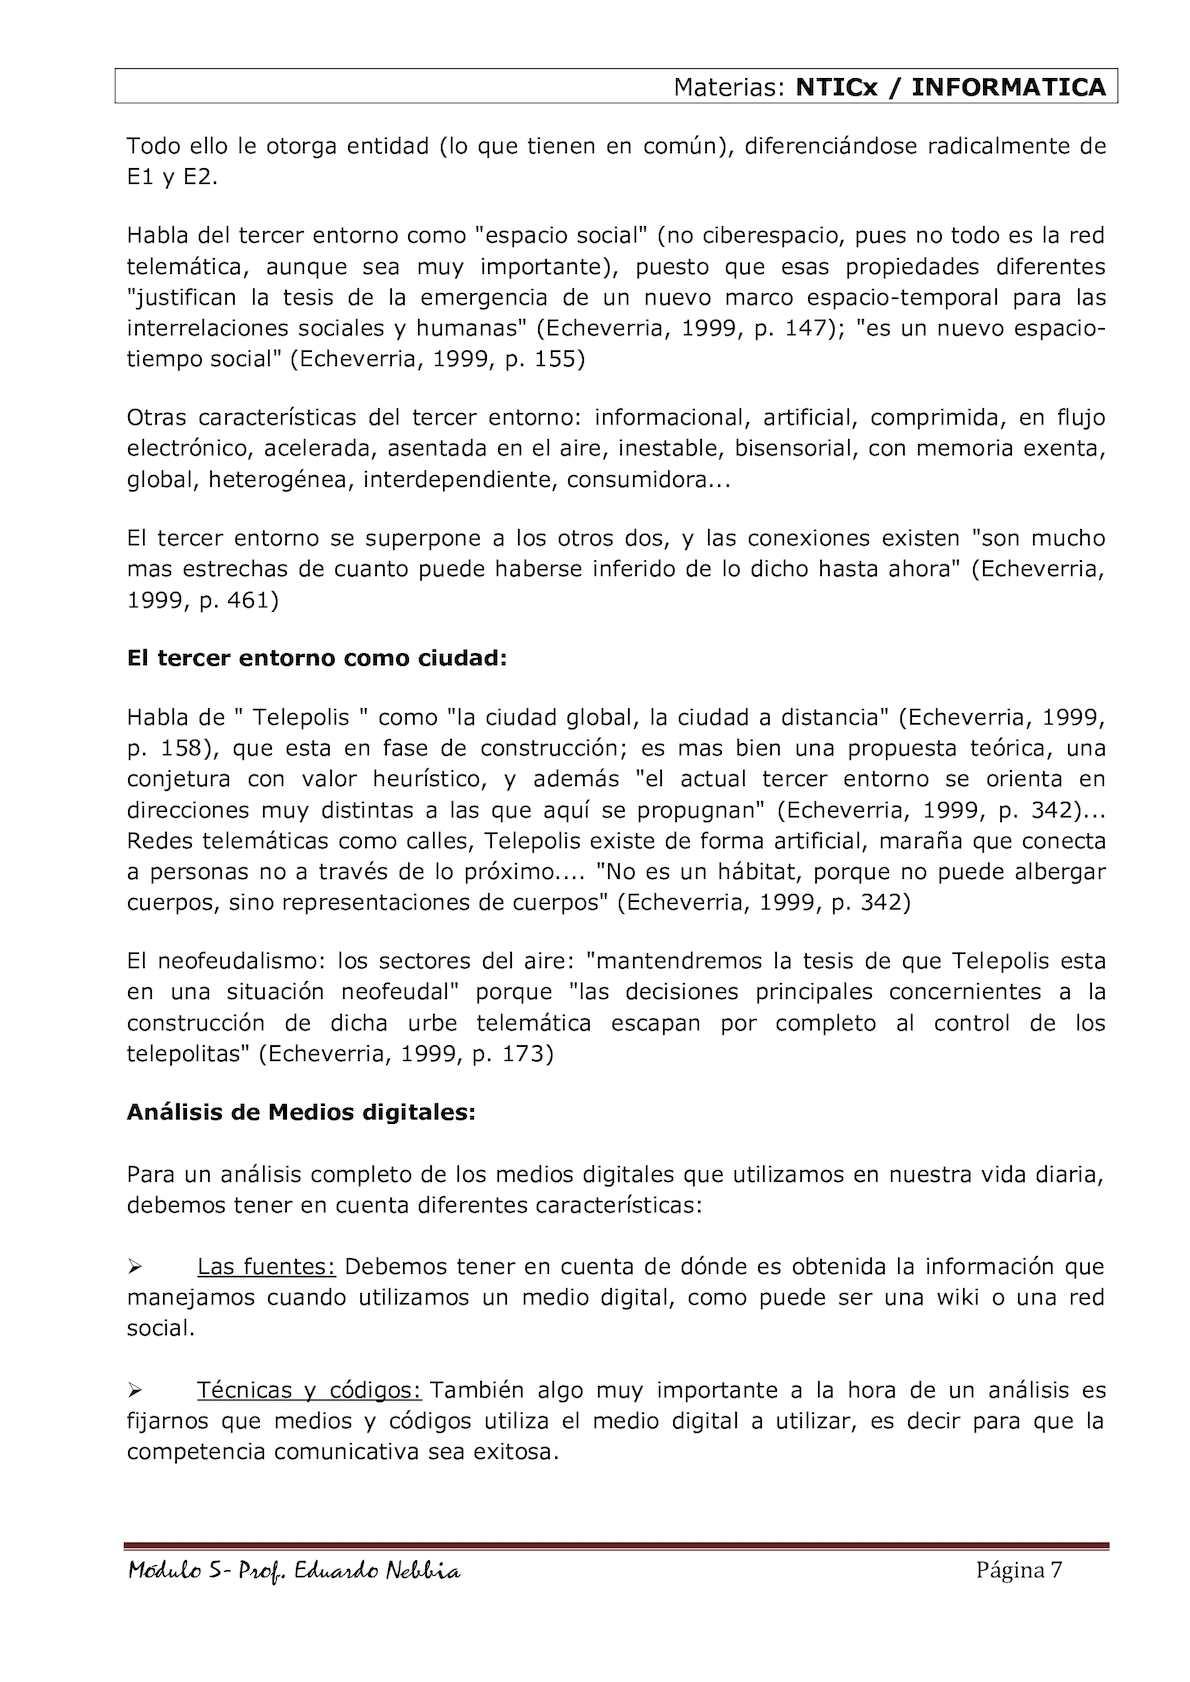 Modulo 5 Alfabetización En Medios Digitales De Comunicación Y ...